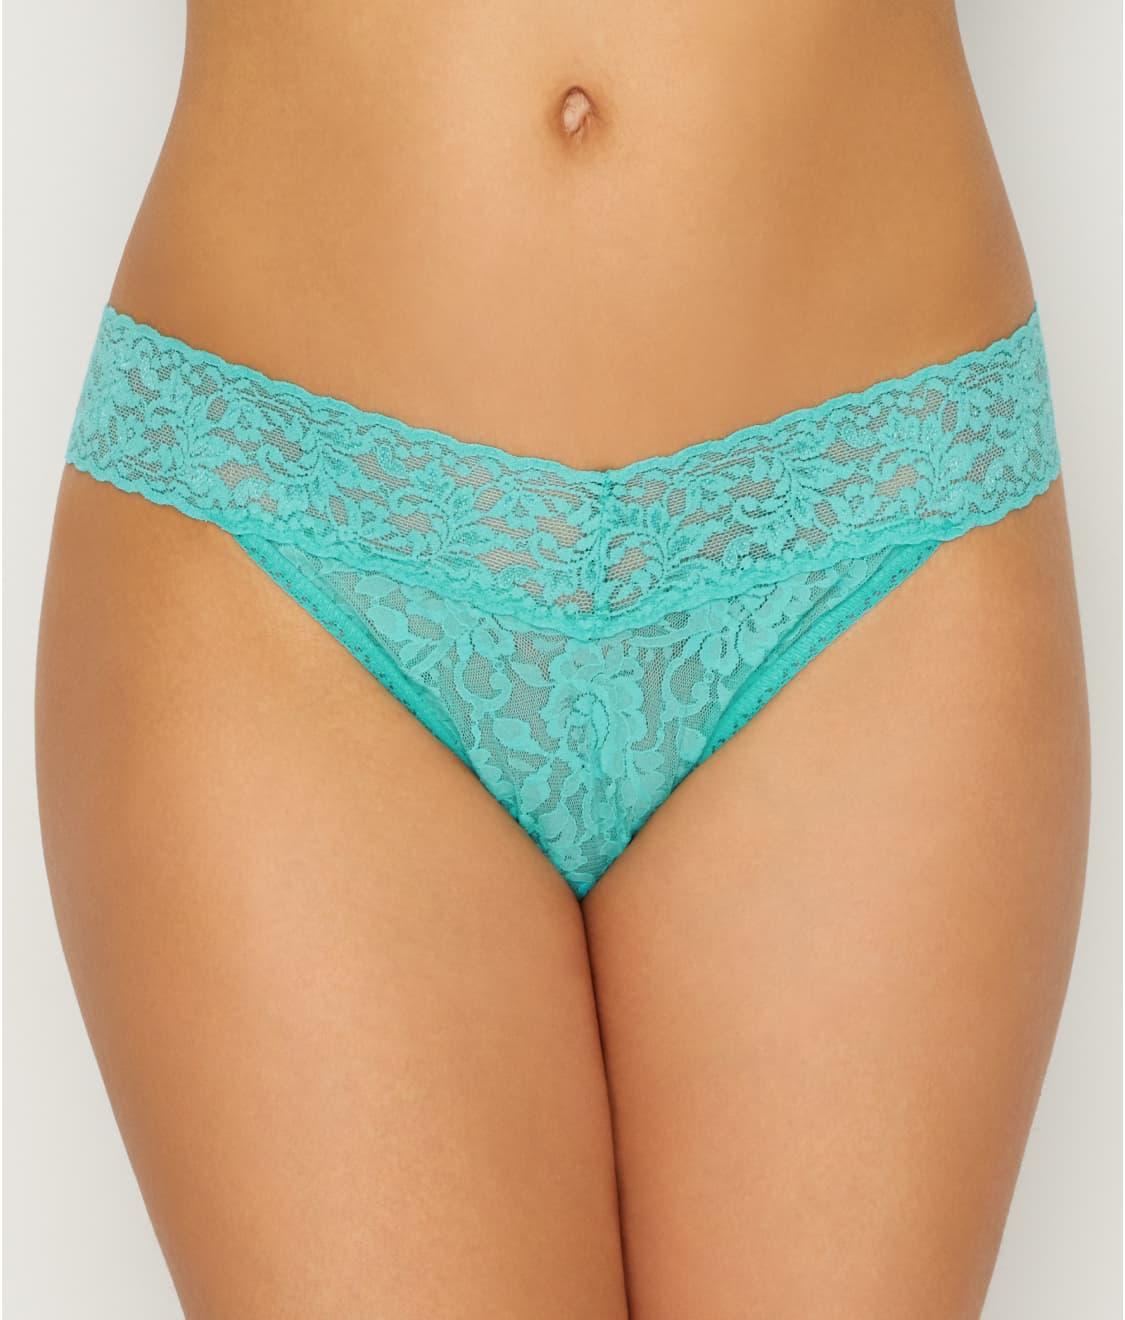 d08a11b77 See Plus Size Signature Lace Original Rise Thong in Seafoam